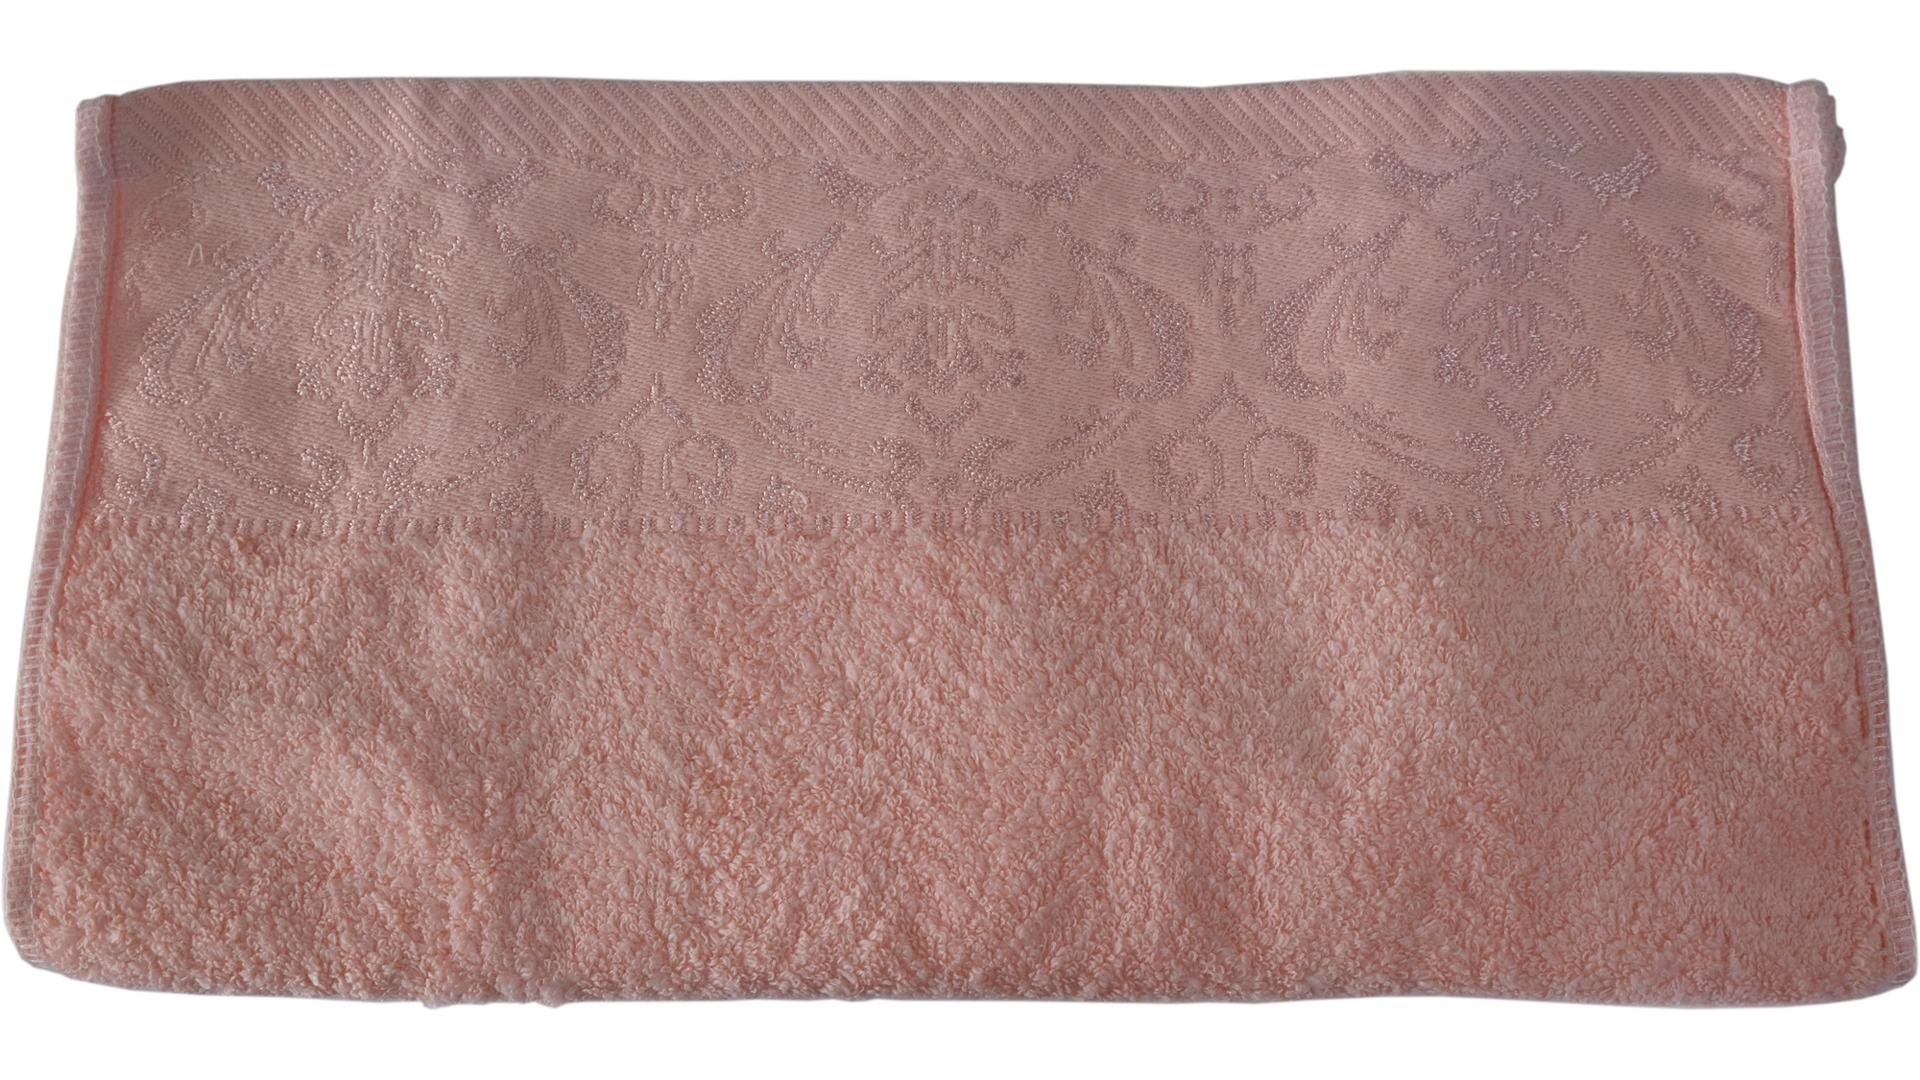 ผ้าขนหนูลายมงกุฎ Cotton 34x76 cm.สีชมพูโอรส